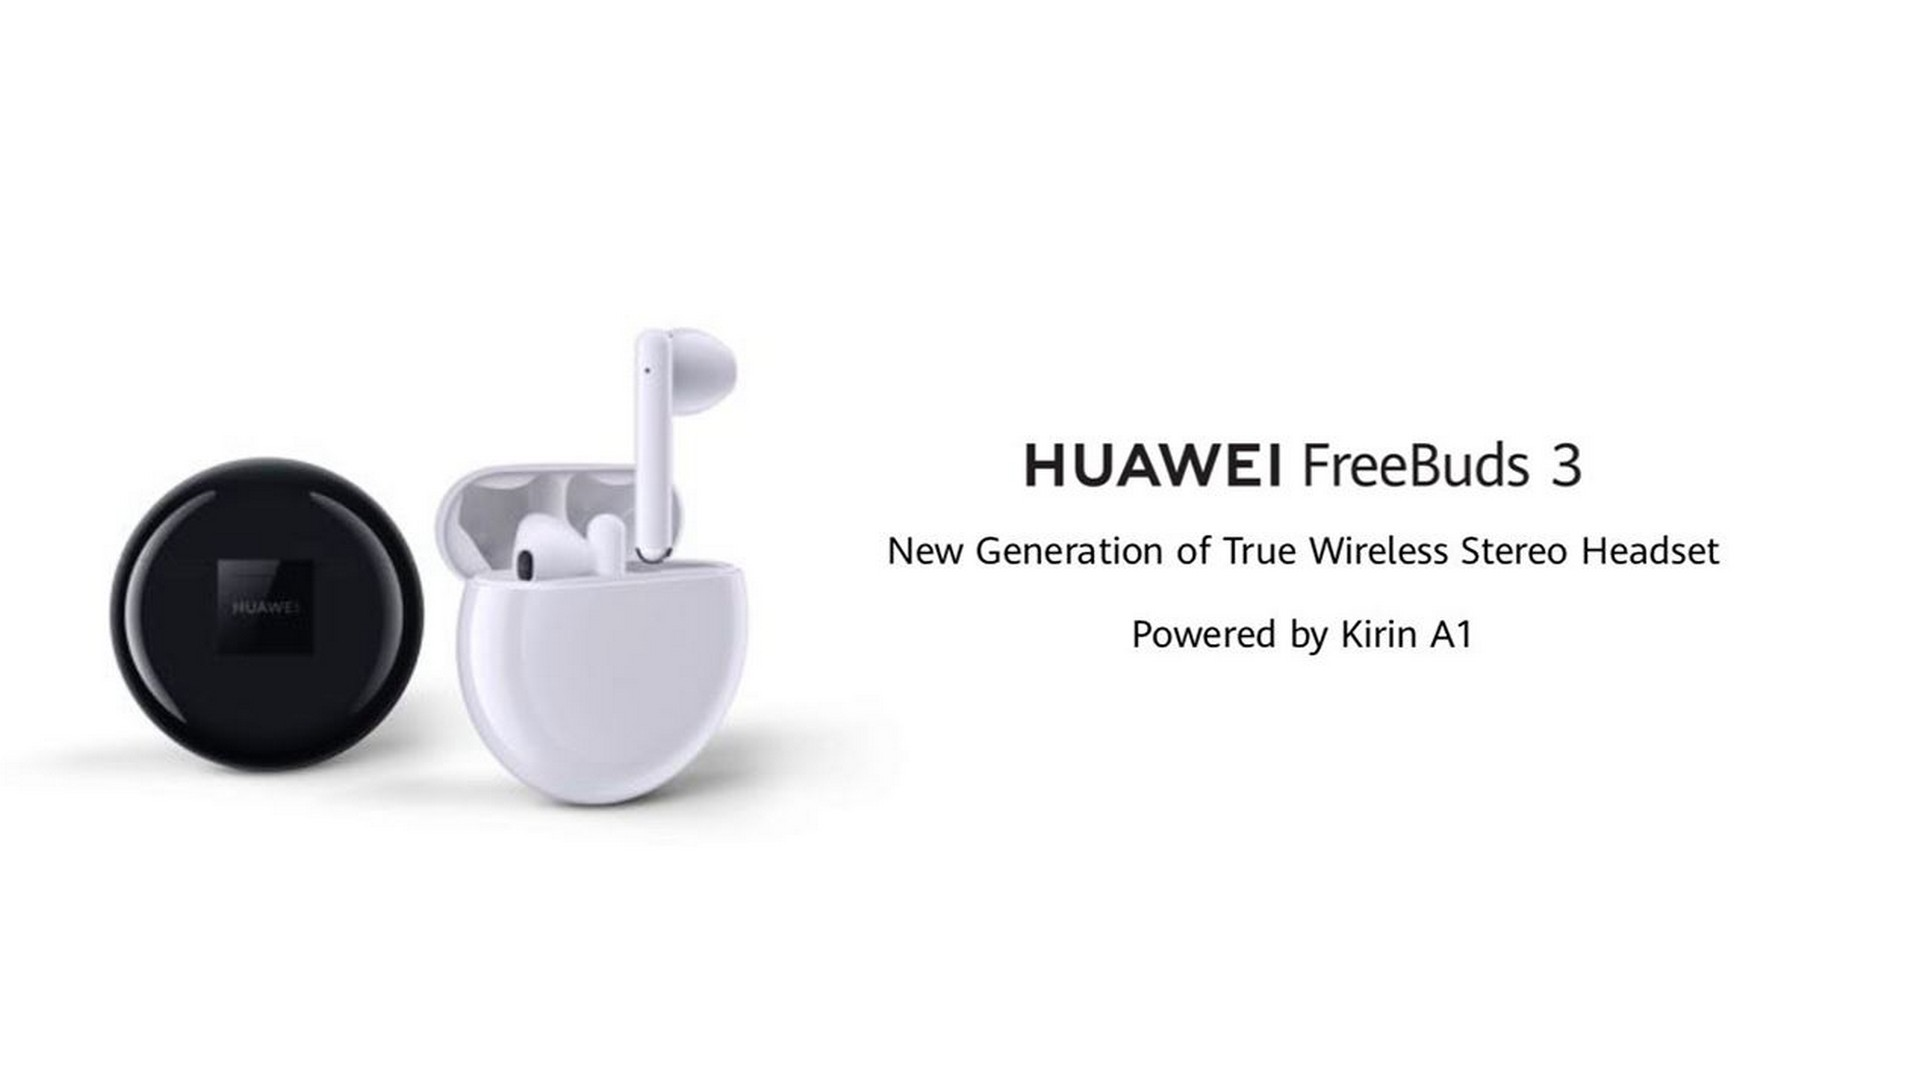 Huawei представил новый kirin 990, две новых расцветки p30 pro и true wireless наушники / мобильные устройства / новости фототехники